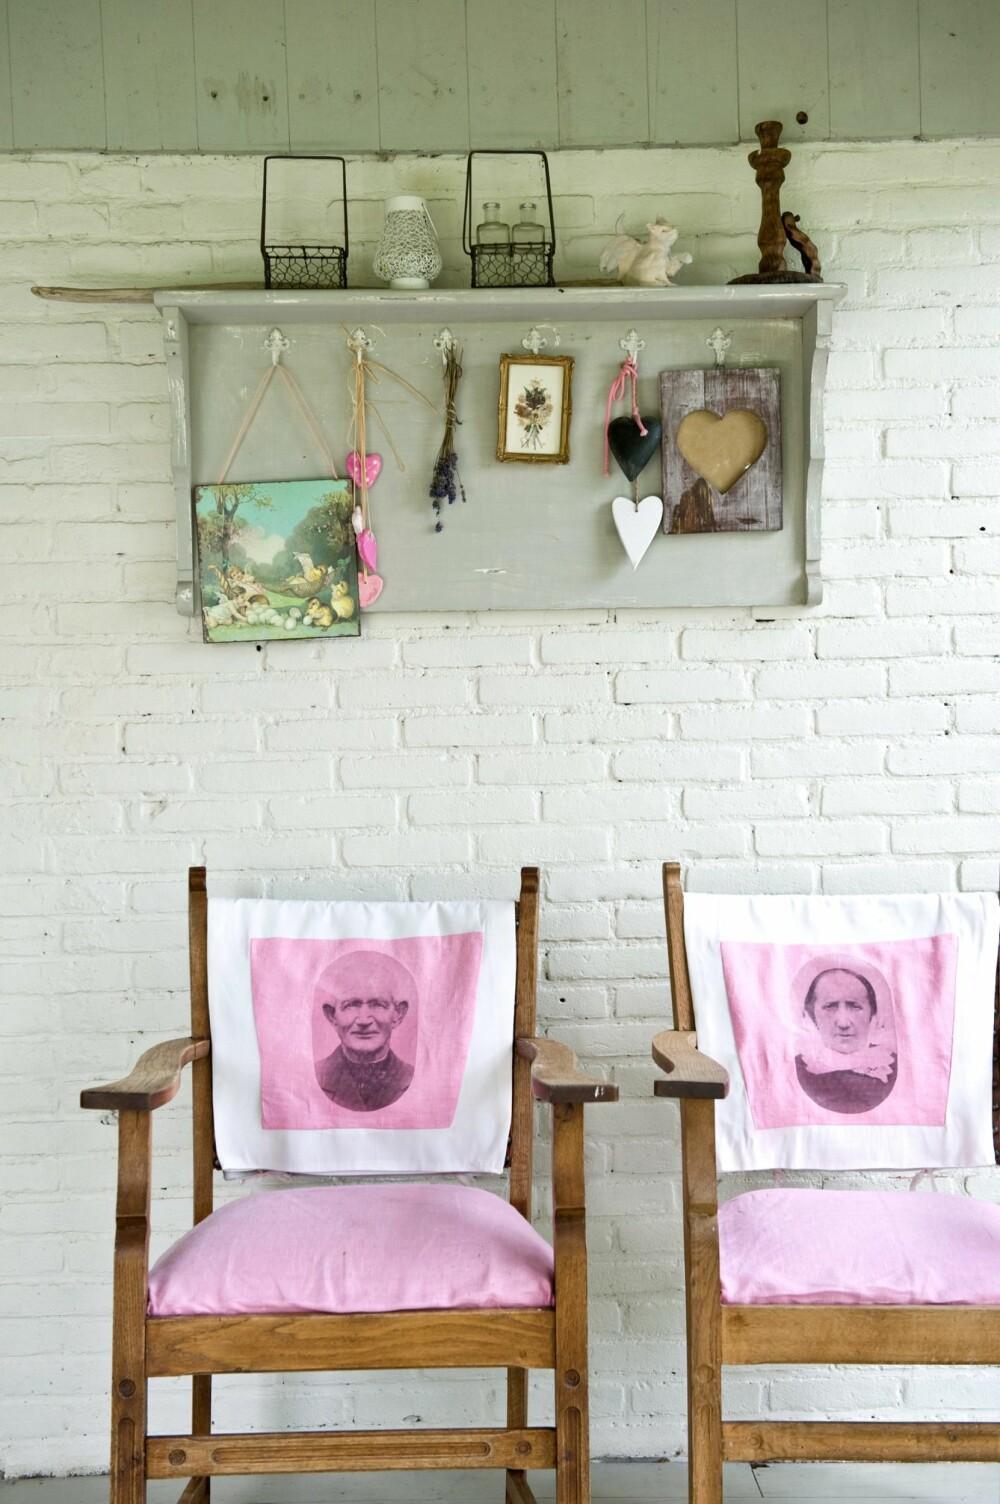 SELVGJORT ER VELGJORT: De gamle stolene er arvestykker fra Martins besteforeldre. Ankie har laget setetrekk med gamle fotografier av slekten hans.